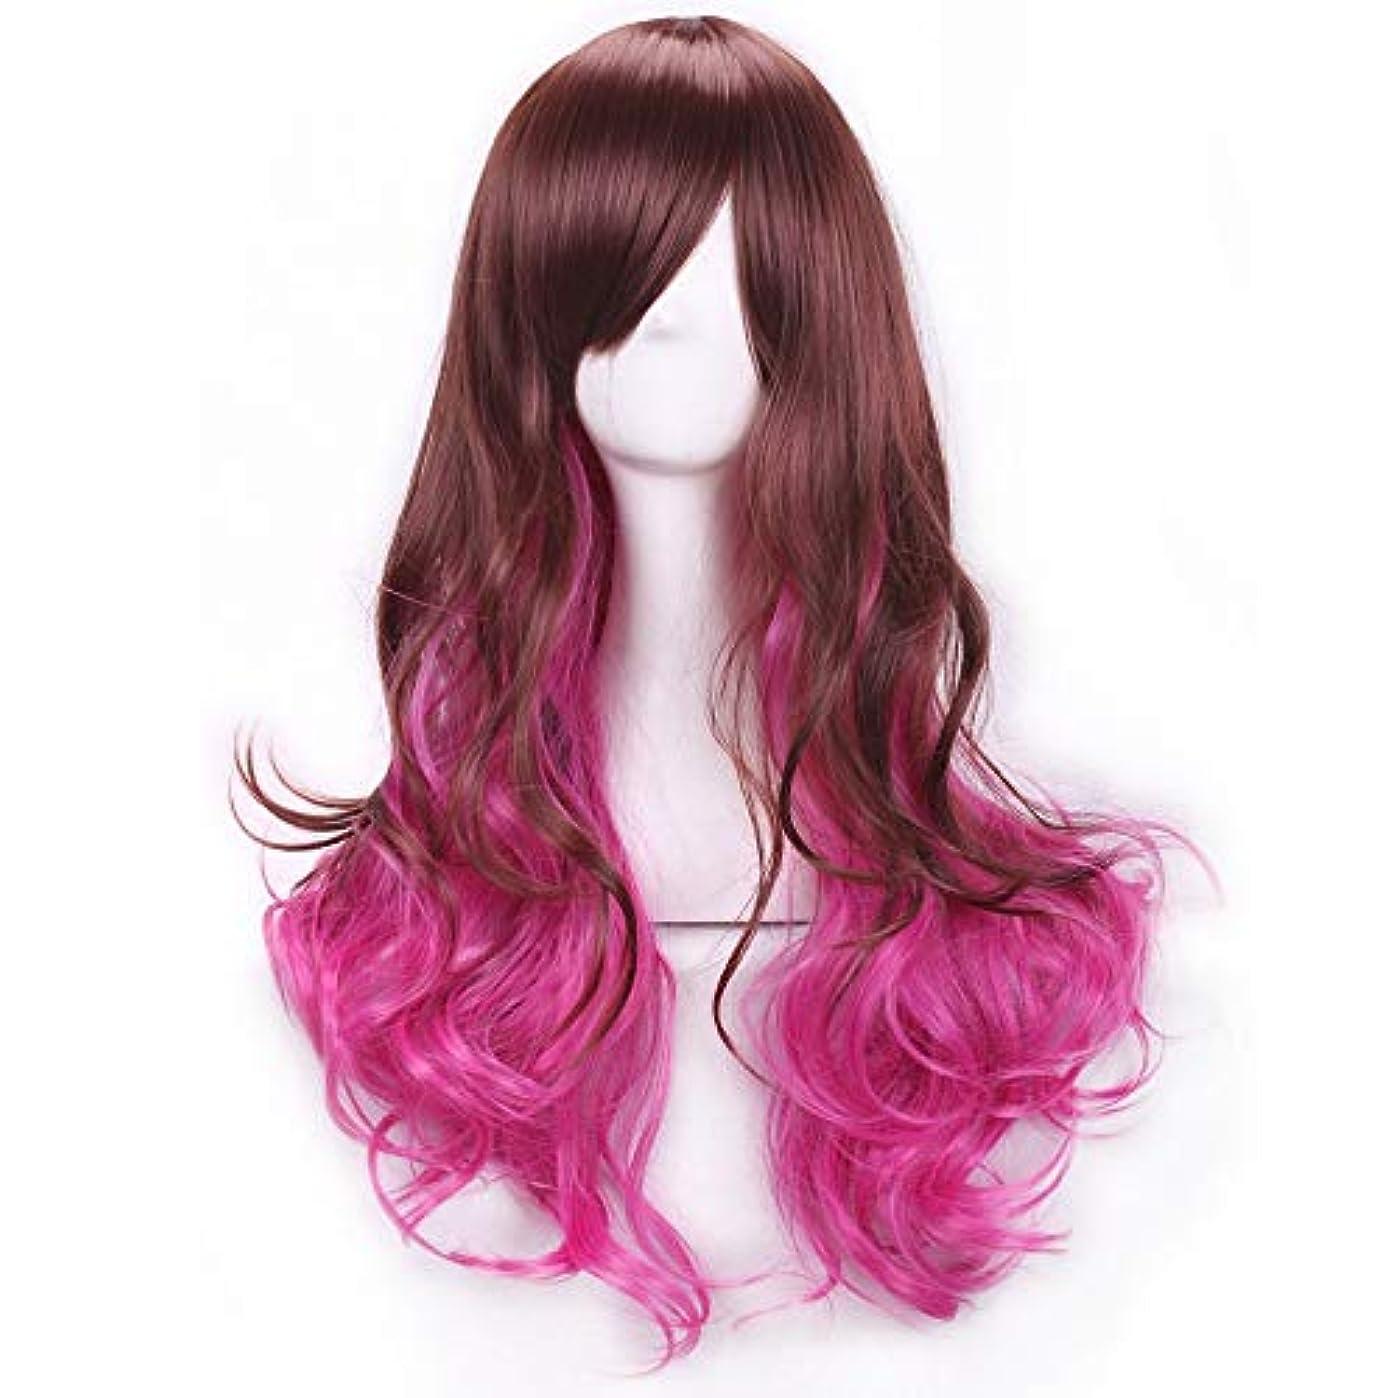 醜い遵守する影響かつらキャップでかつらファンシードレスカールかつら女性用高品質合成毛髪コスプレ高密度かつら女性&女の子用ブラウン、ピンク、パープル (Color : ピンク)